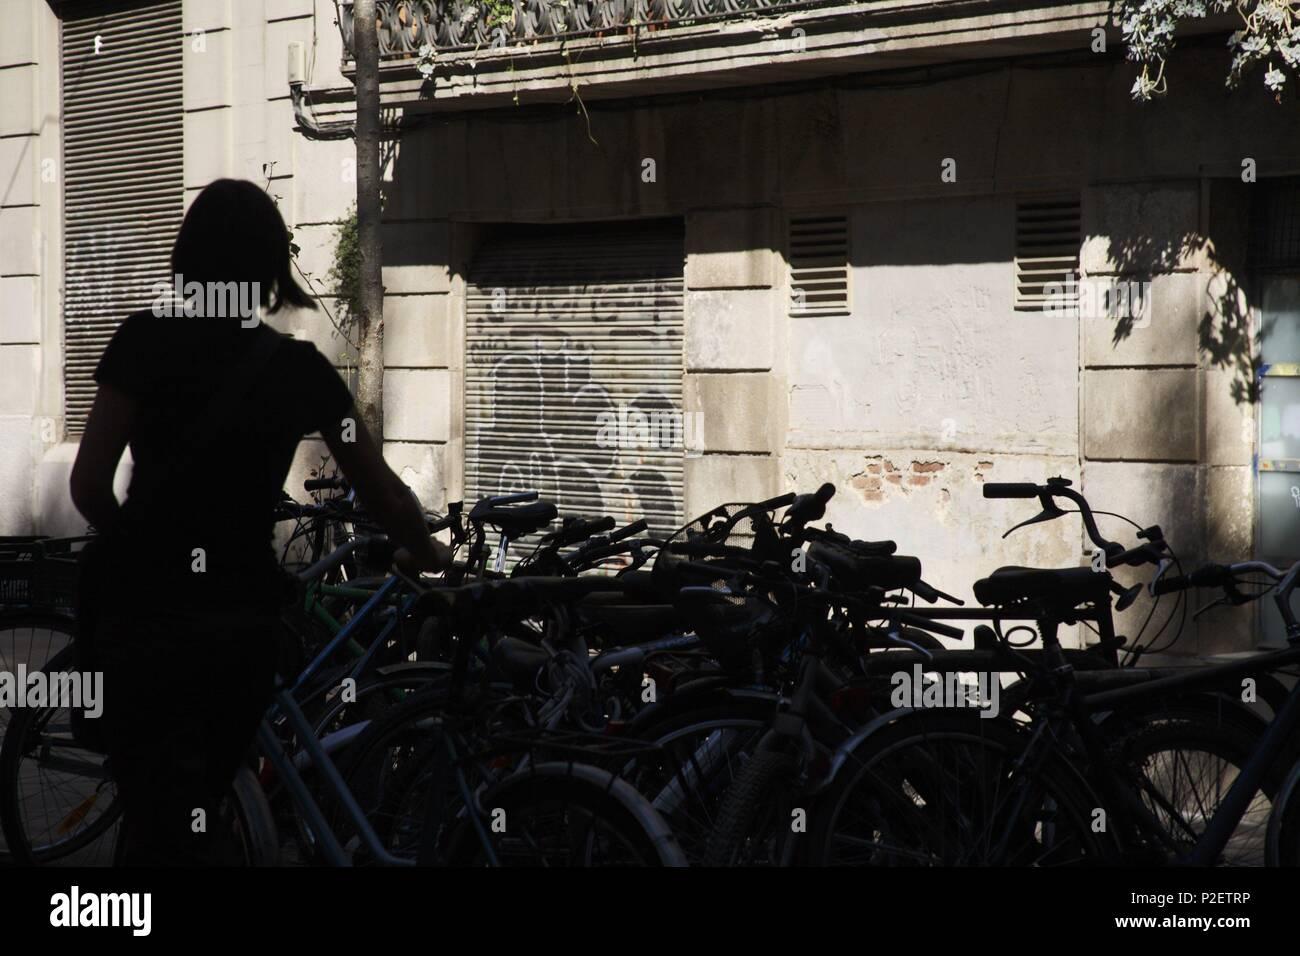 SPAIN - Catalonia - Barcelonés (district) - Barcelona. Barcelona; Plaza Pons i Clerc / Carrer Comerc; ciclista / aparcament bicis (El Born / La Ribera). - Stock Image